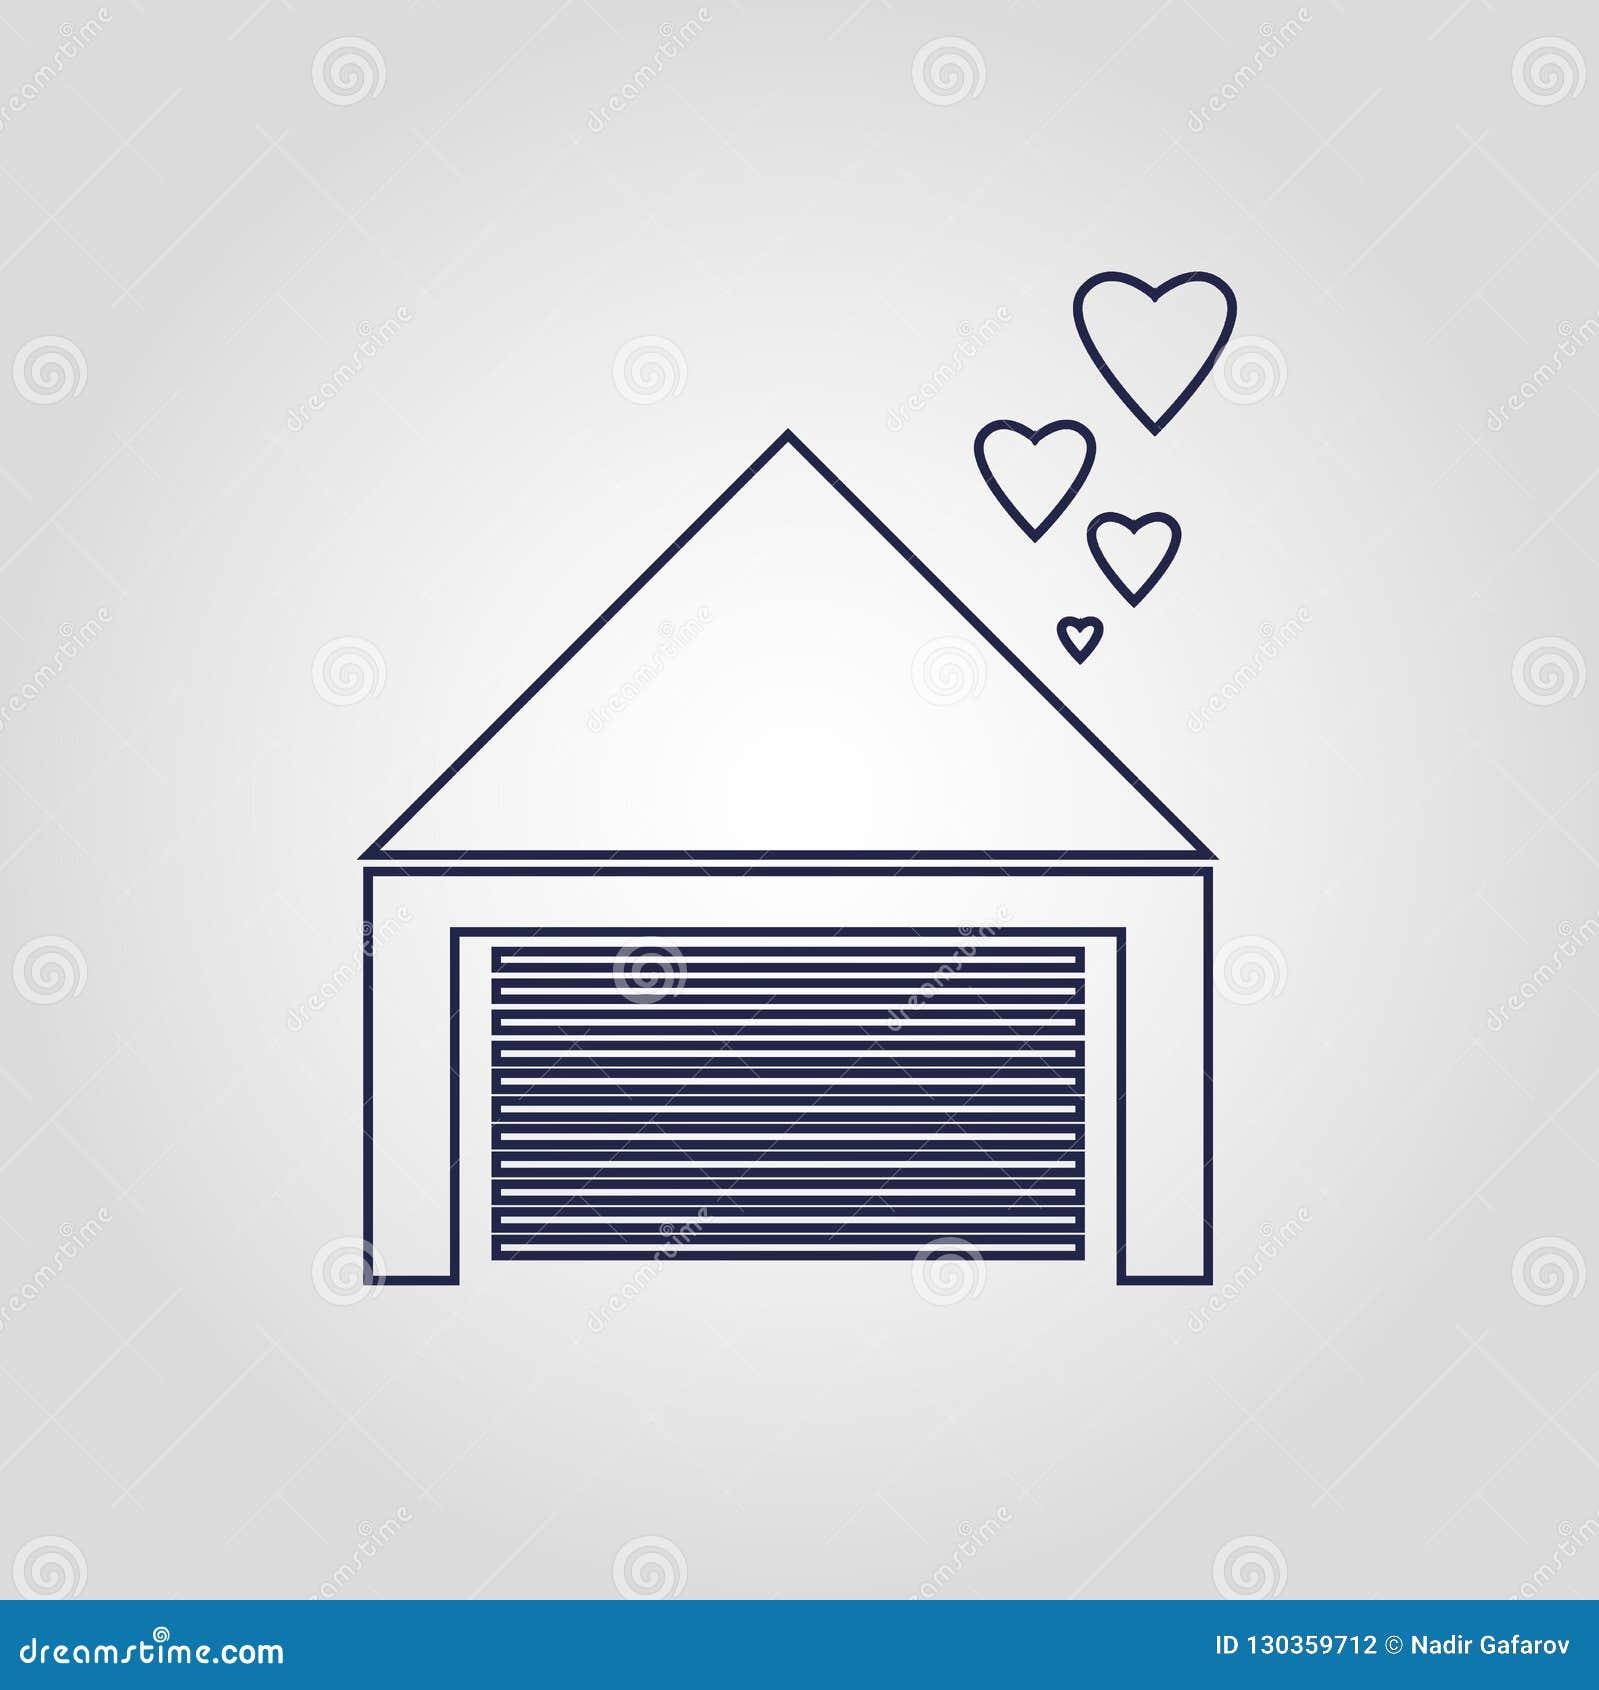 Icono linear plano aislado icono del vector del hogar del amor en la seguridad blanca del fondo